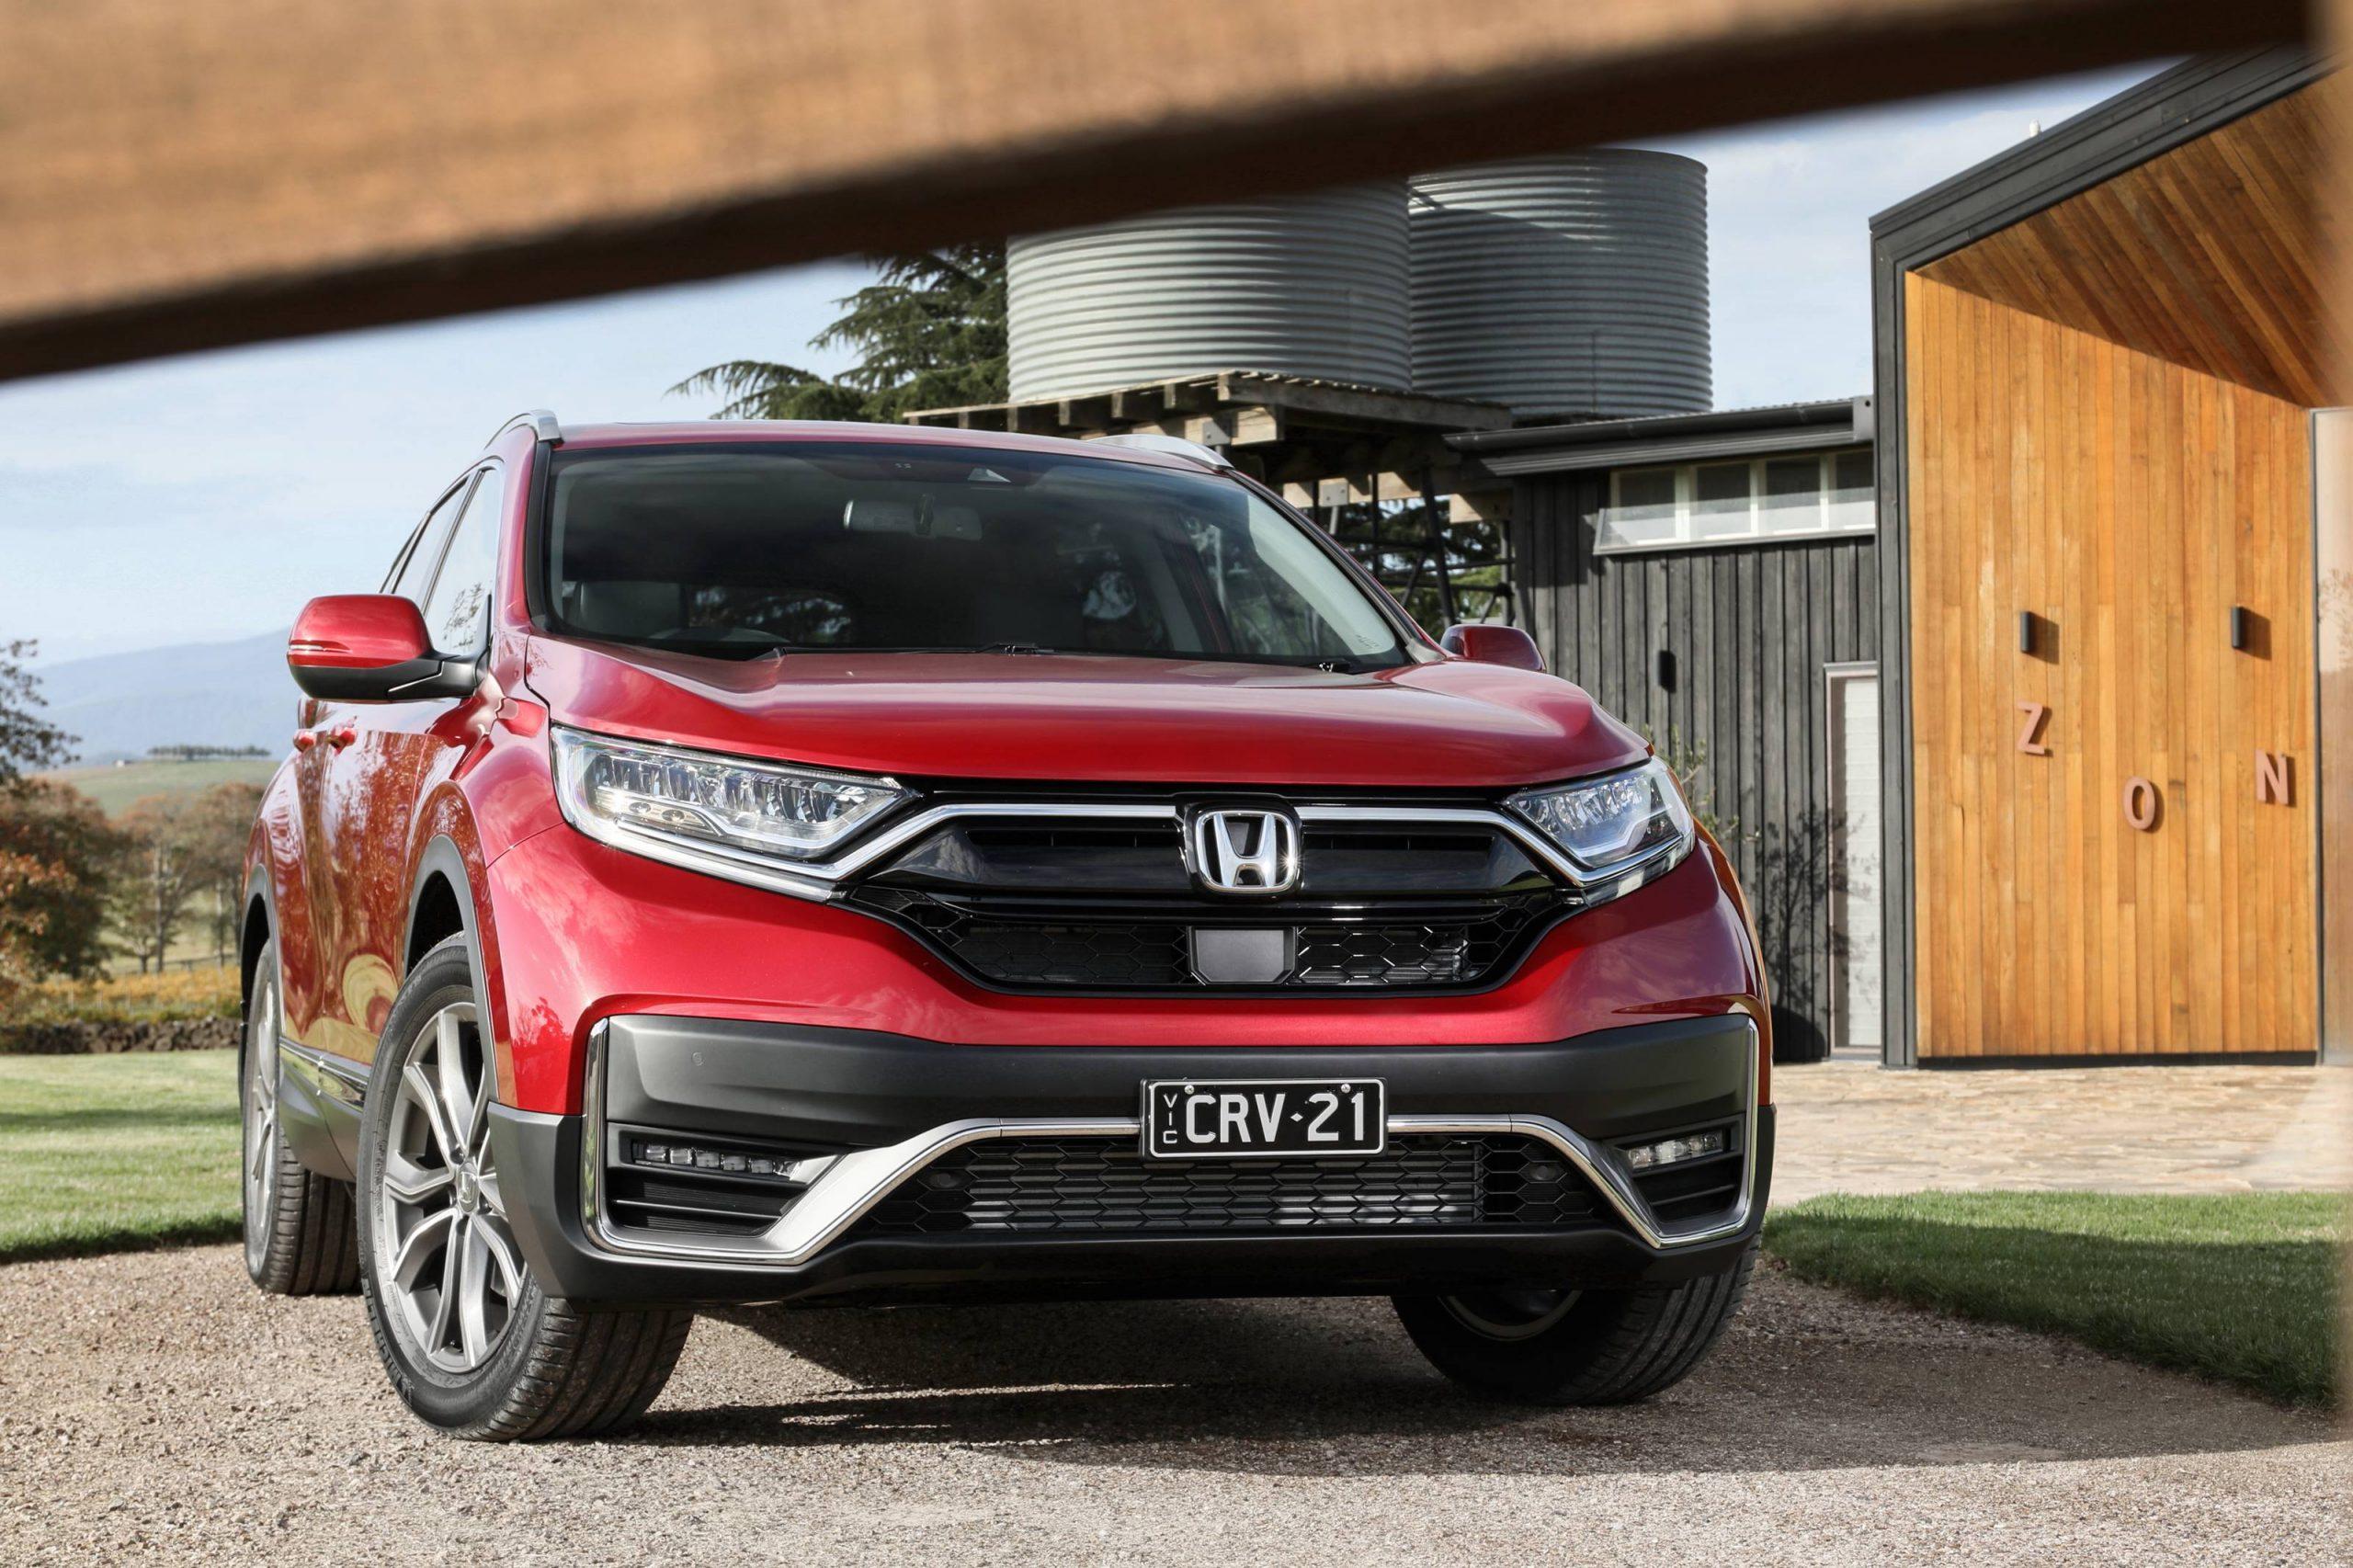 Kekurangan Honda Cr Top Model Tahun Ini